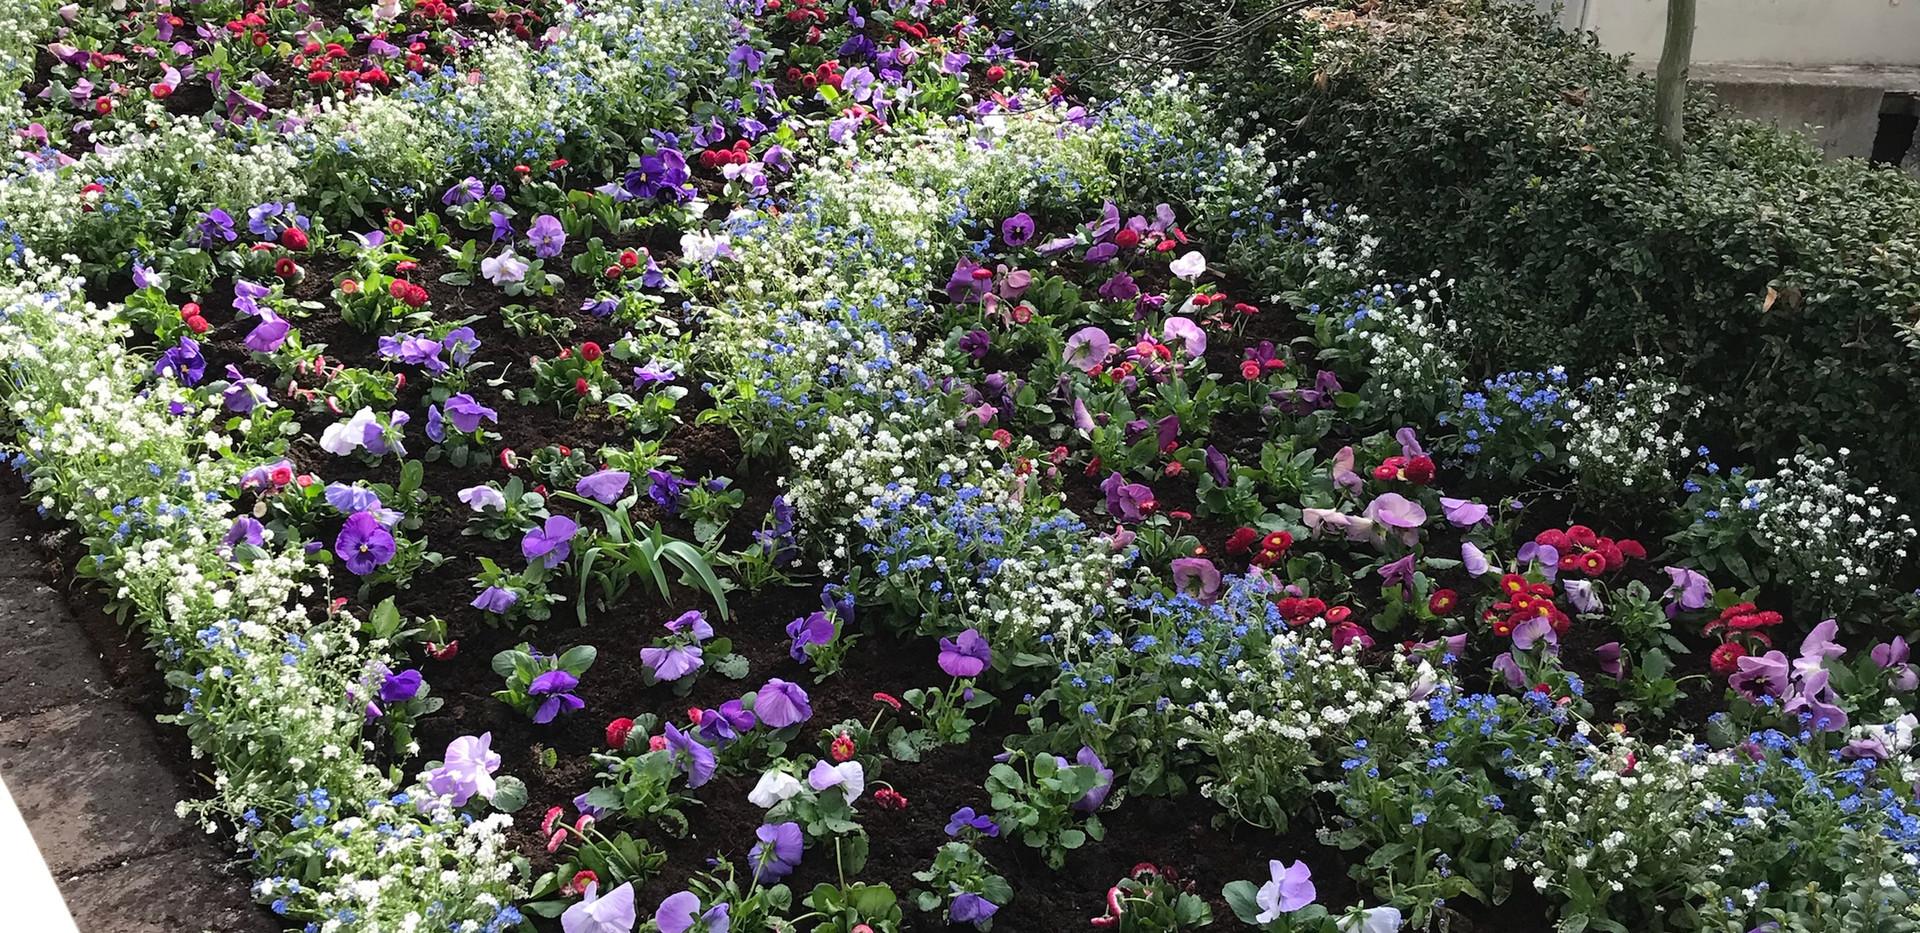 Gröna_lund_plantering(7).jpeg